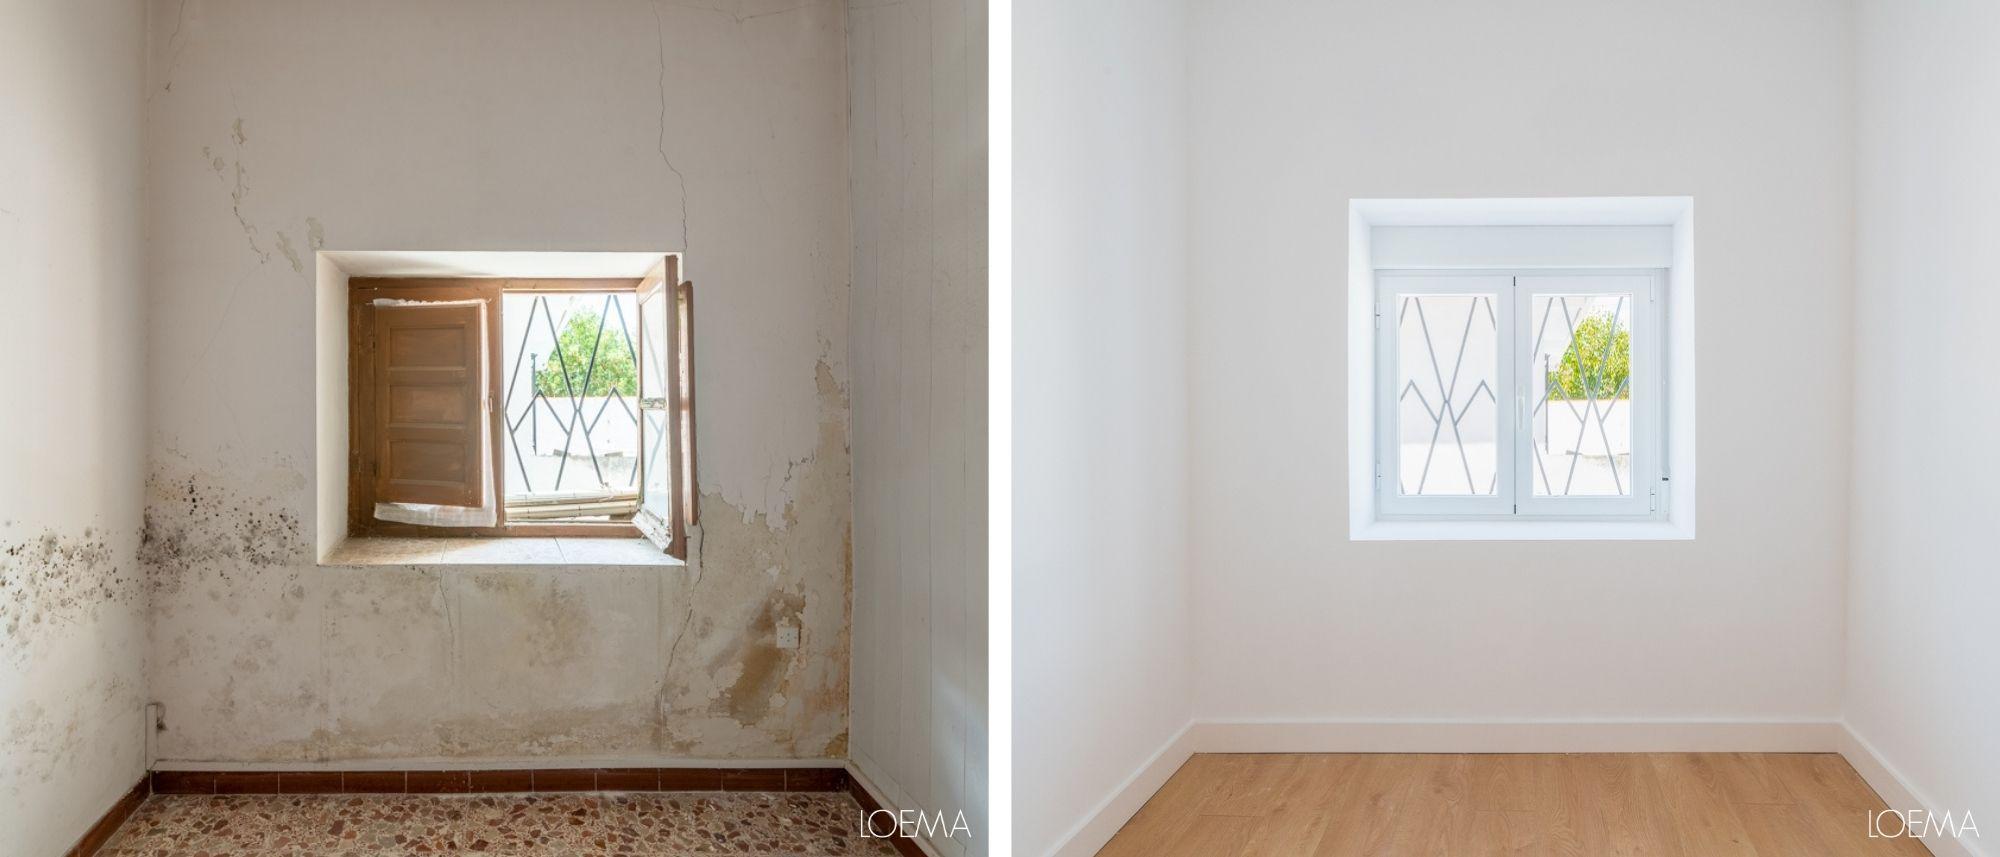 Antes y despues ventana casa antigua